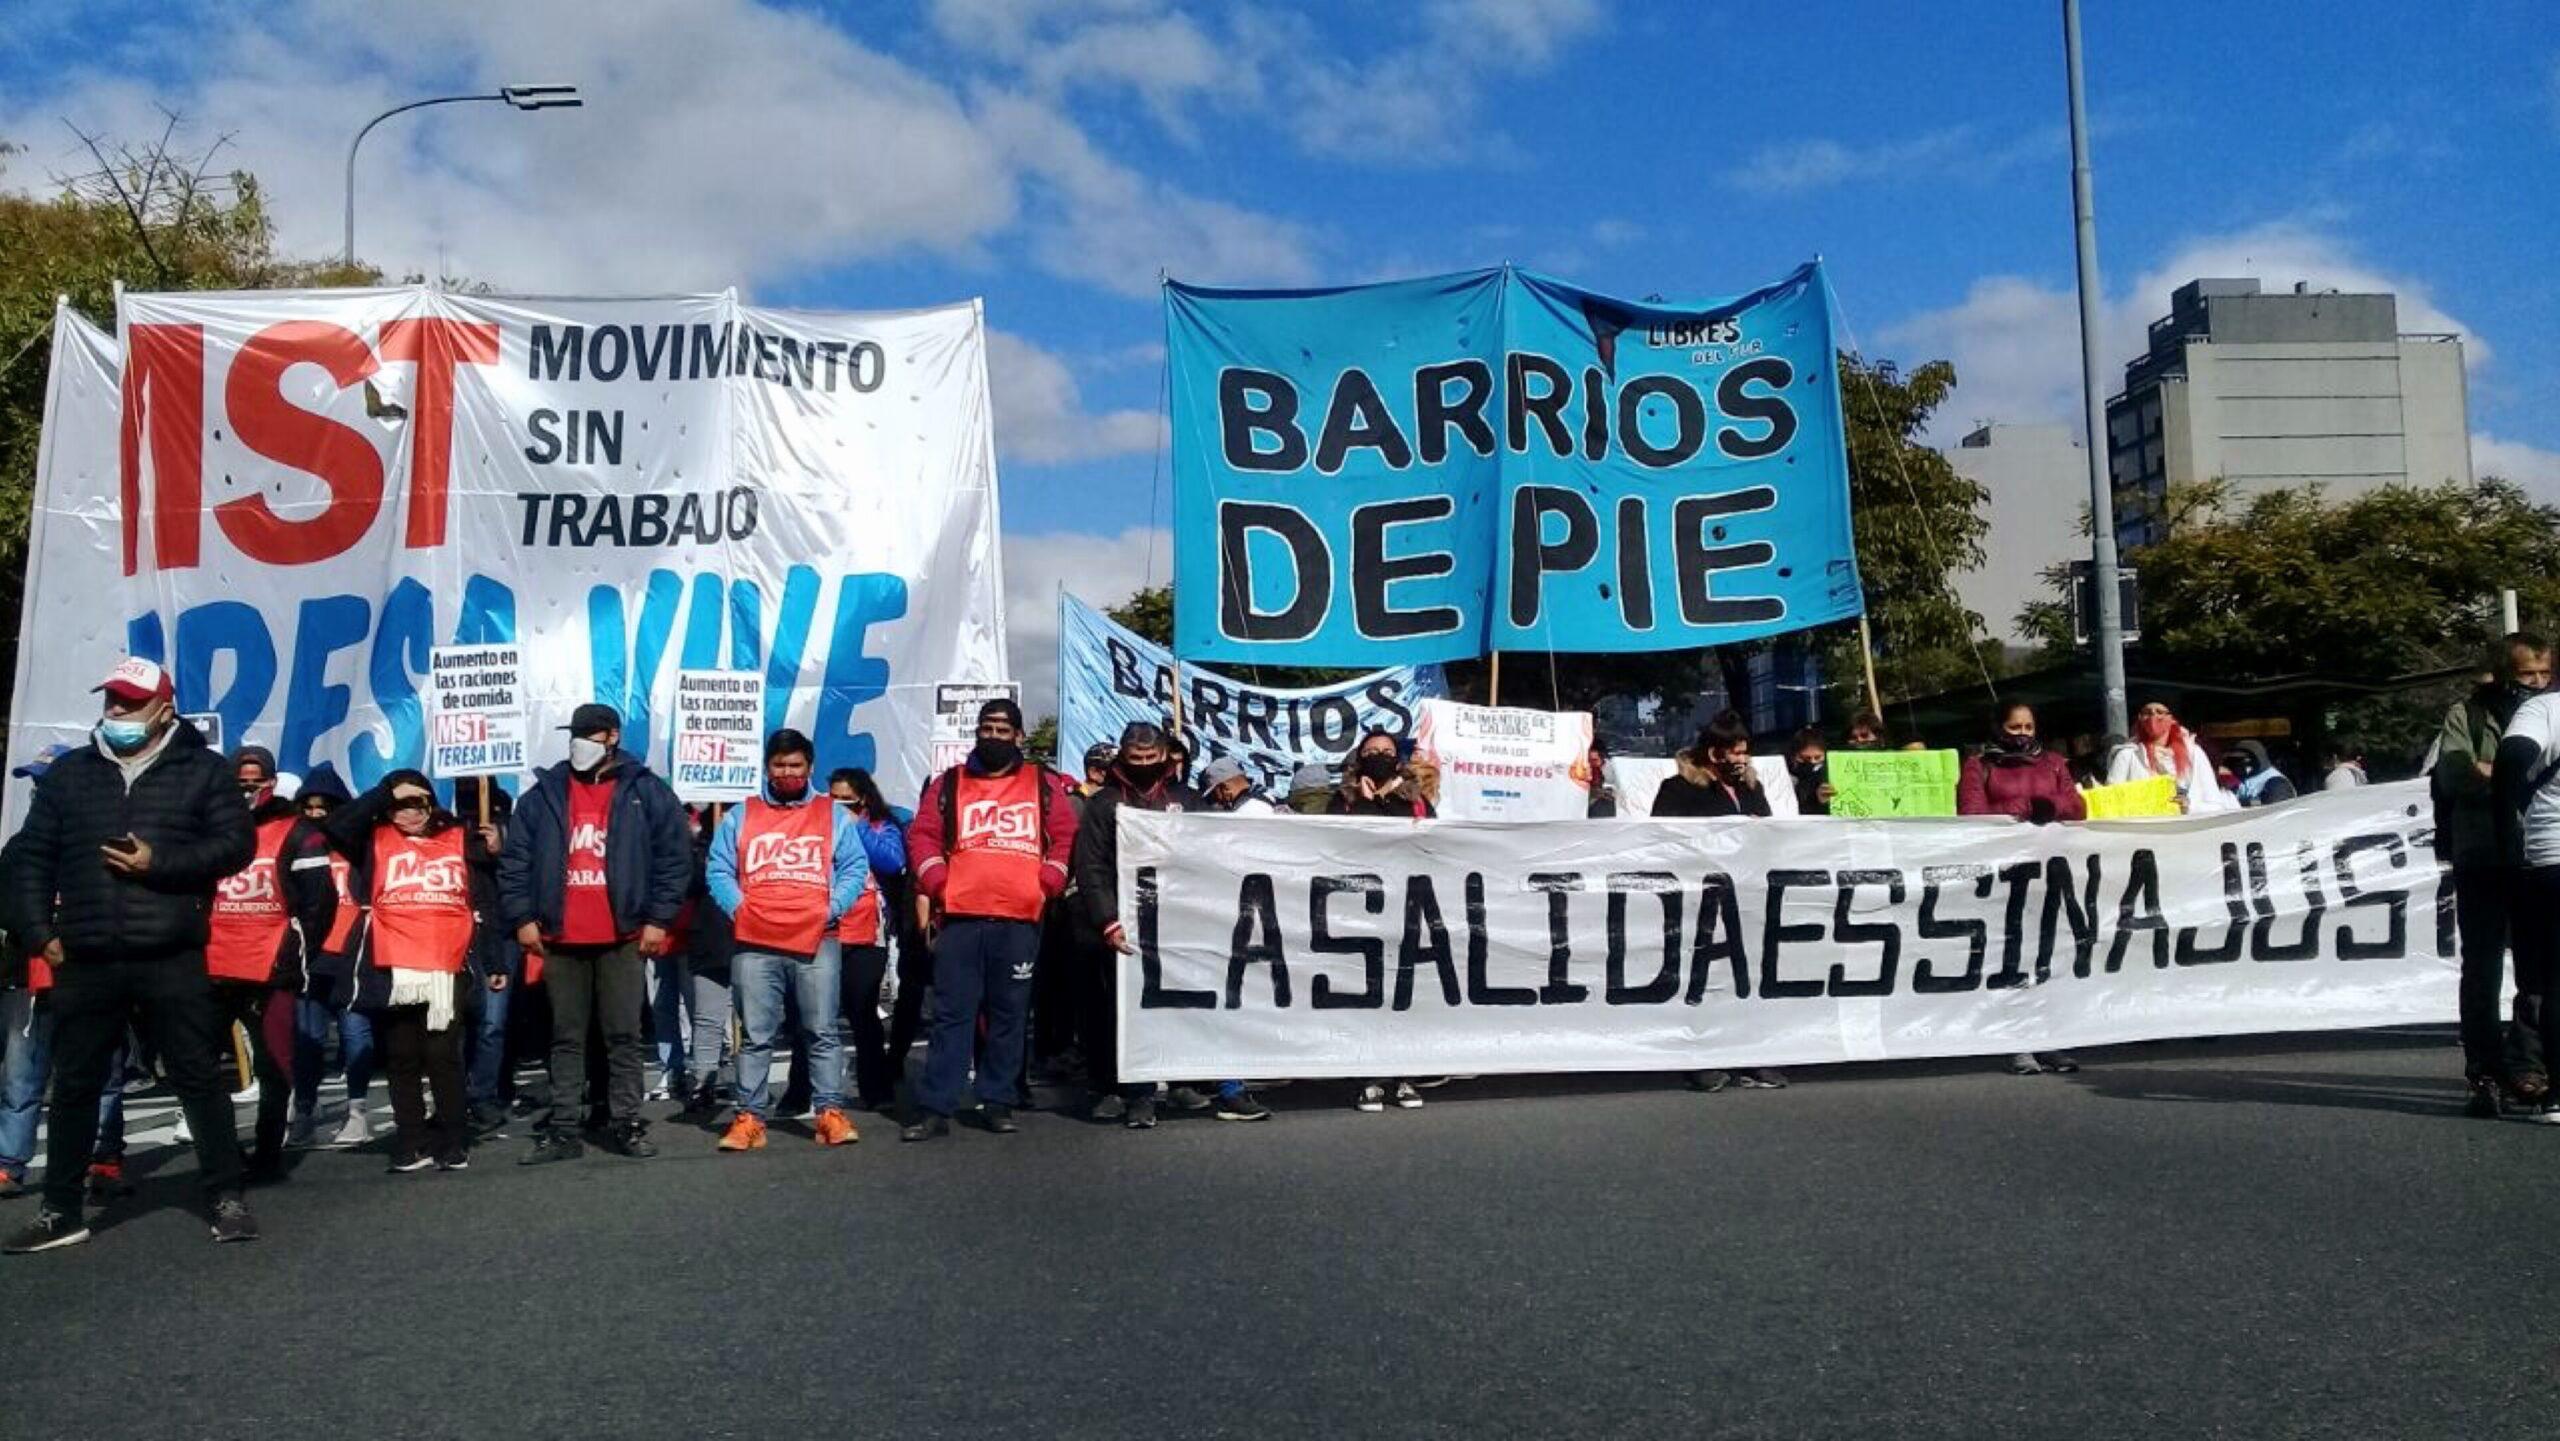 Frente al ajuste, unos 70 mil manifestantes se hicieron oír en Capital Federal